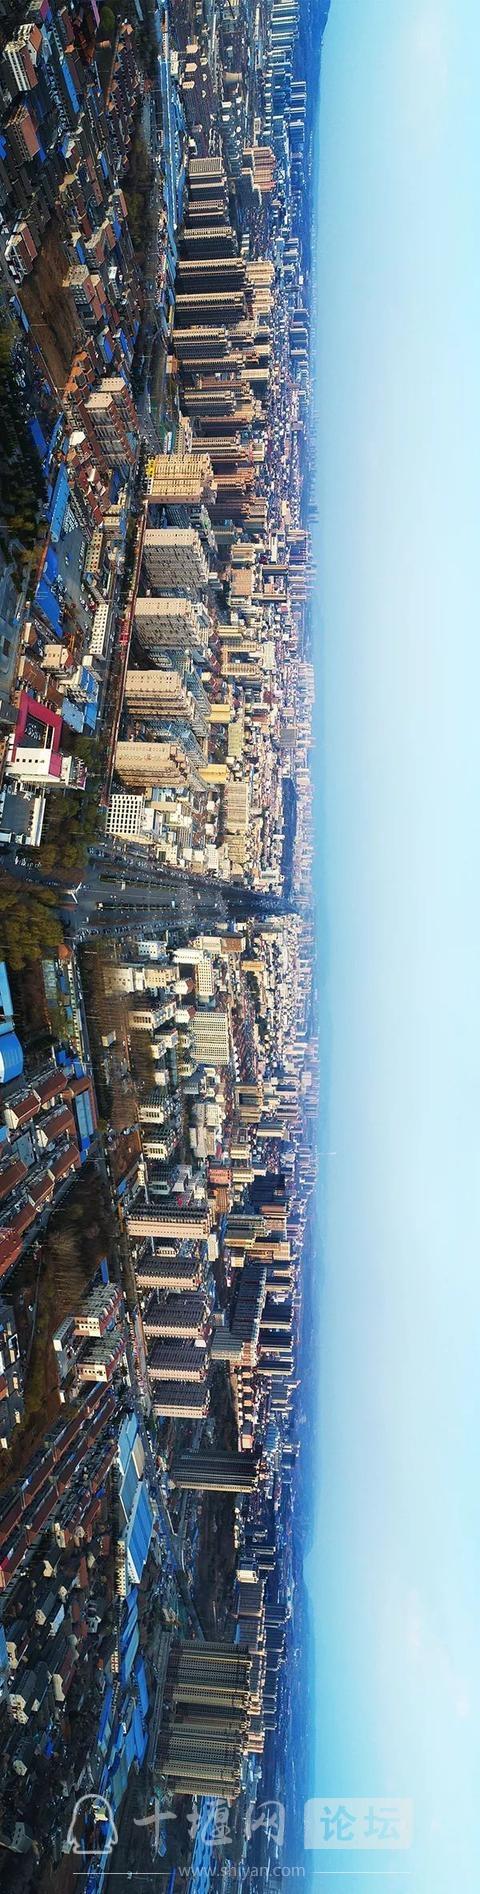 40张超级美的晋城美图曝光,第11张你肯定没见过,请查收-4.jpg